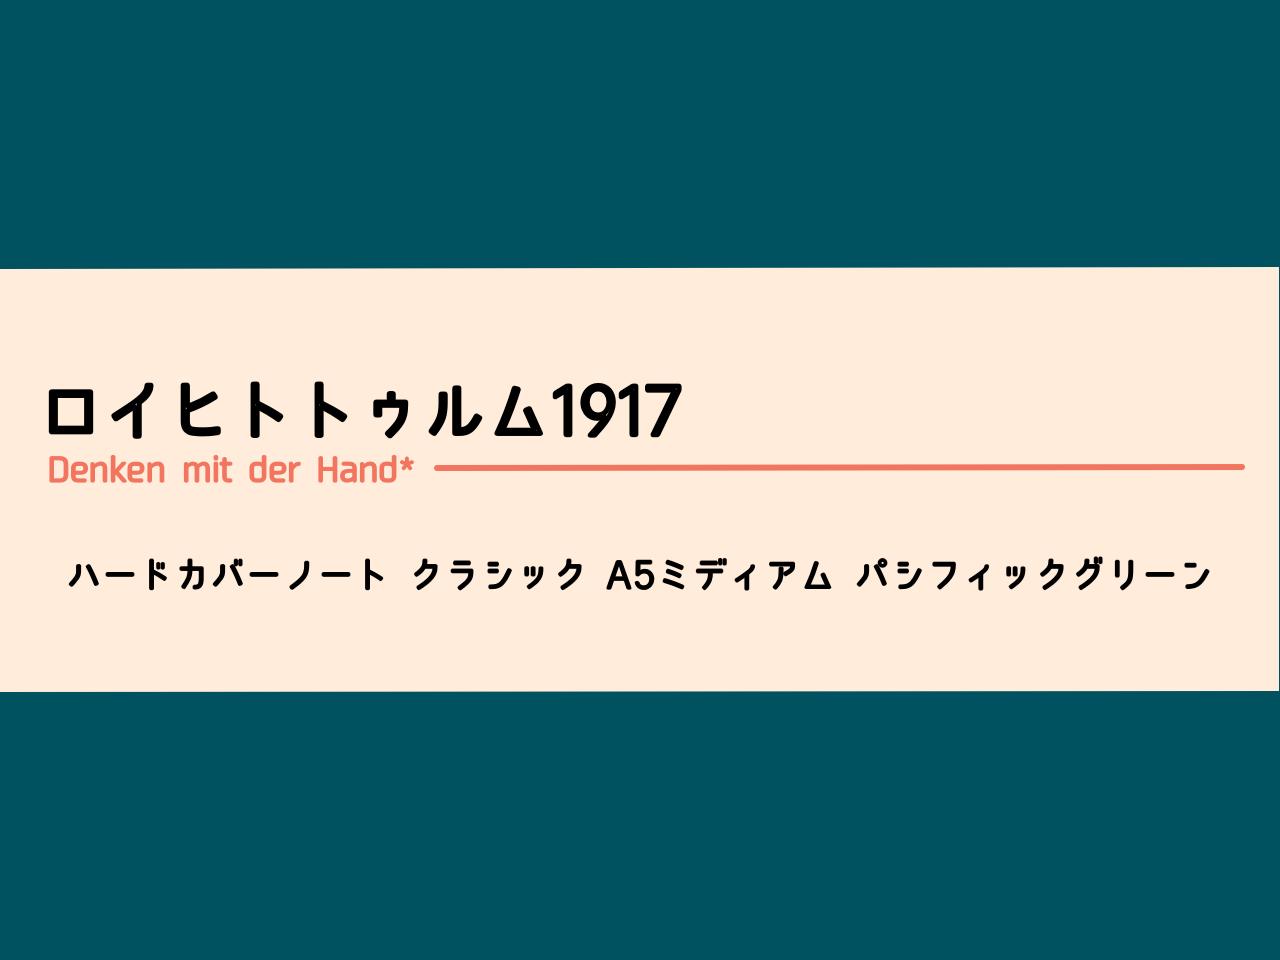 ロイヒトトゥルム1917 ハードカバーノート クラシック A5ミディアム パシフィックグリーン